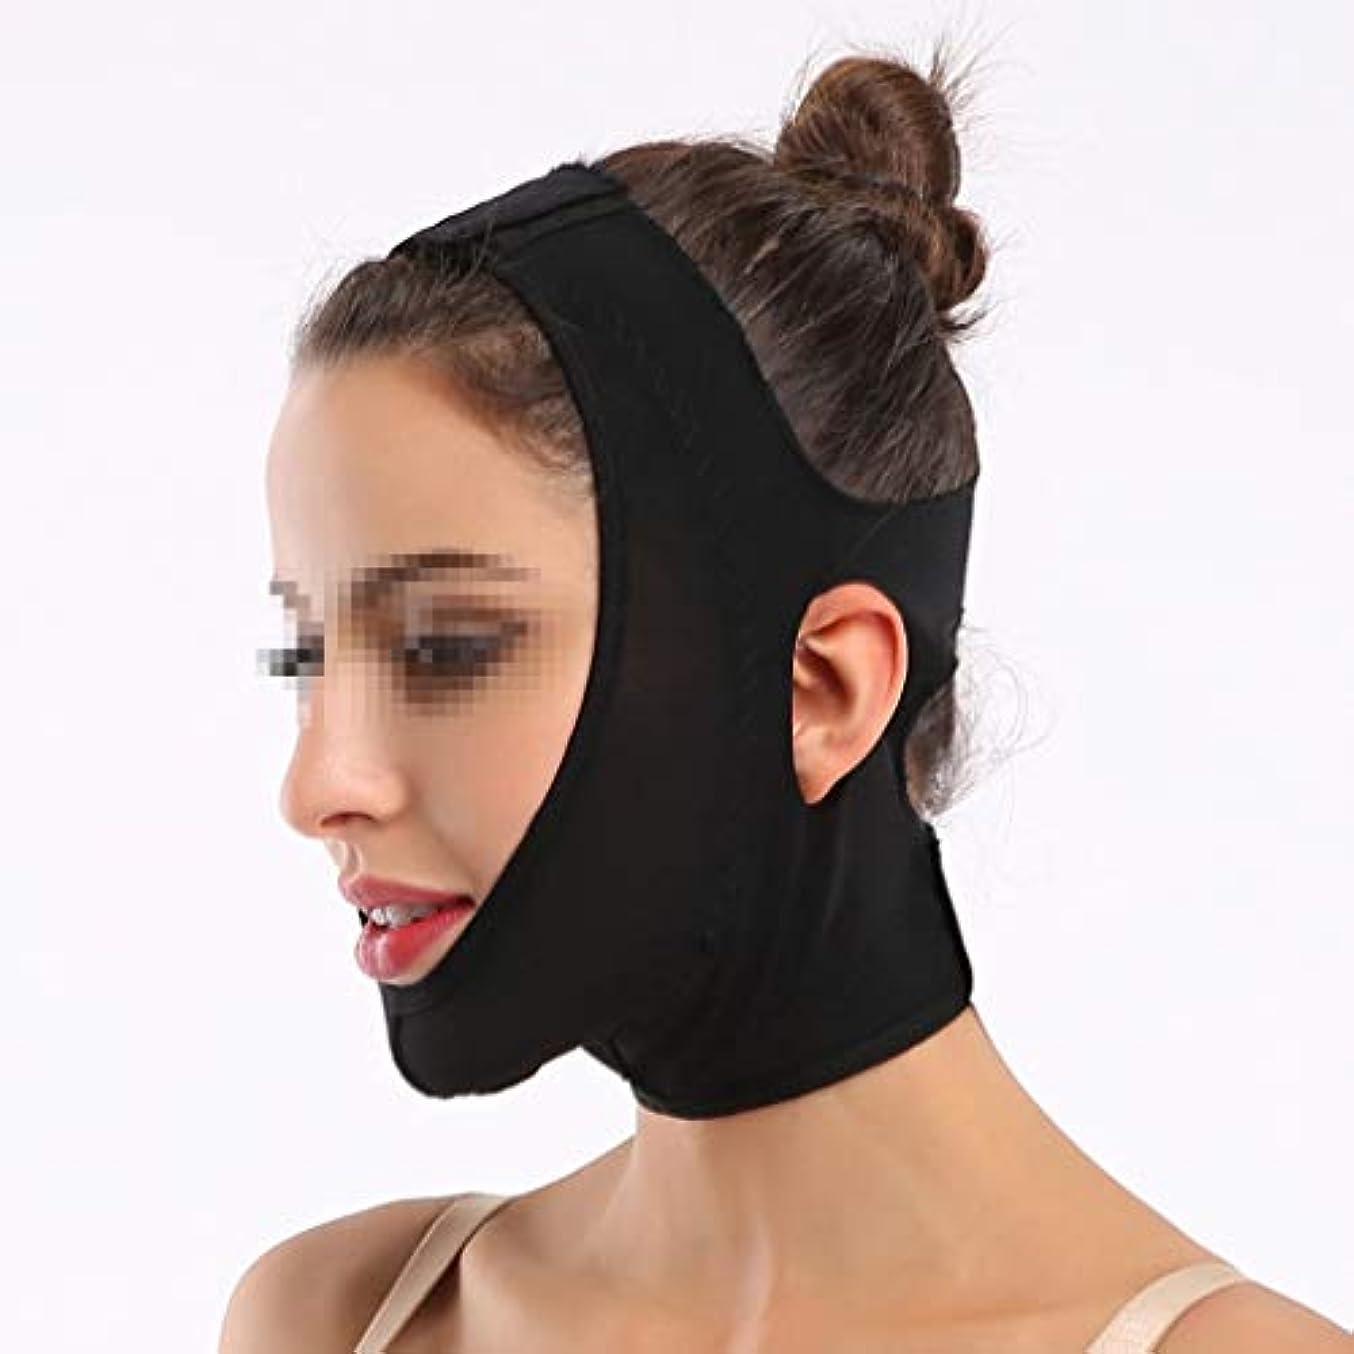 ひどく小康半球XHLMRMJ Vフェイスマスク、包帯マスクを持ち上げて引き締めるスキニービューティーサロン1日2時間Vフェイスマッサージ術後回復